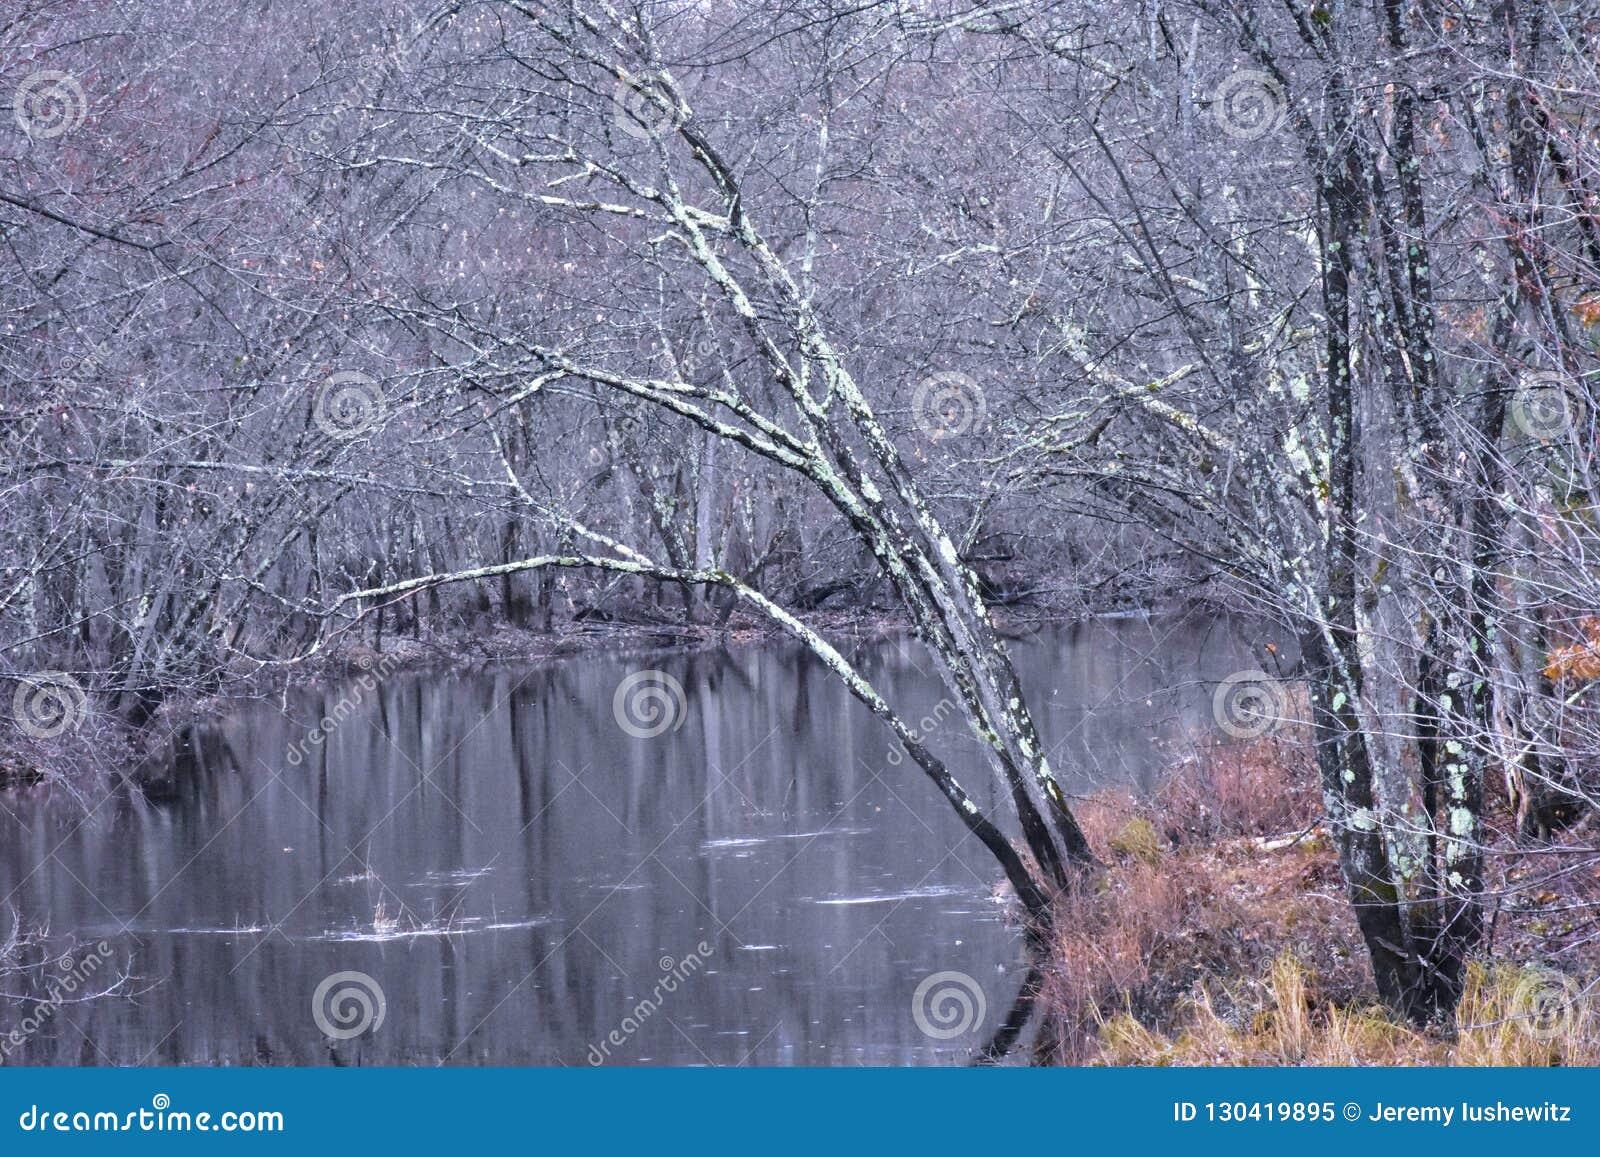 Άδεια λιγότερα δέντρα που παρουσιάζουν μεταβαλλόμενες εποχές